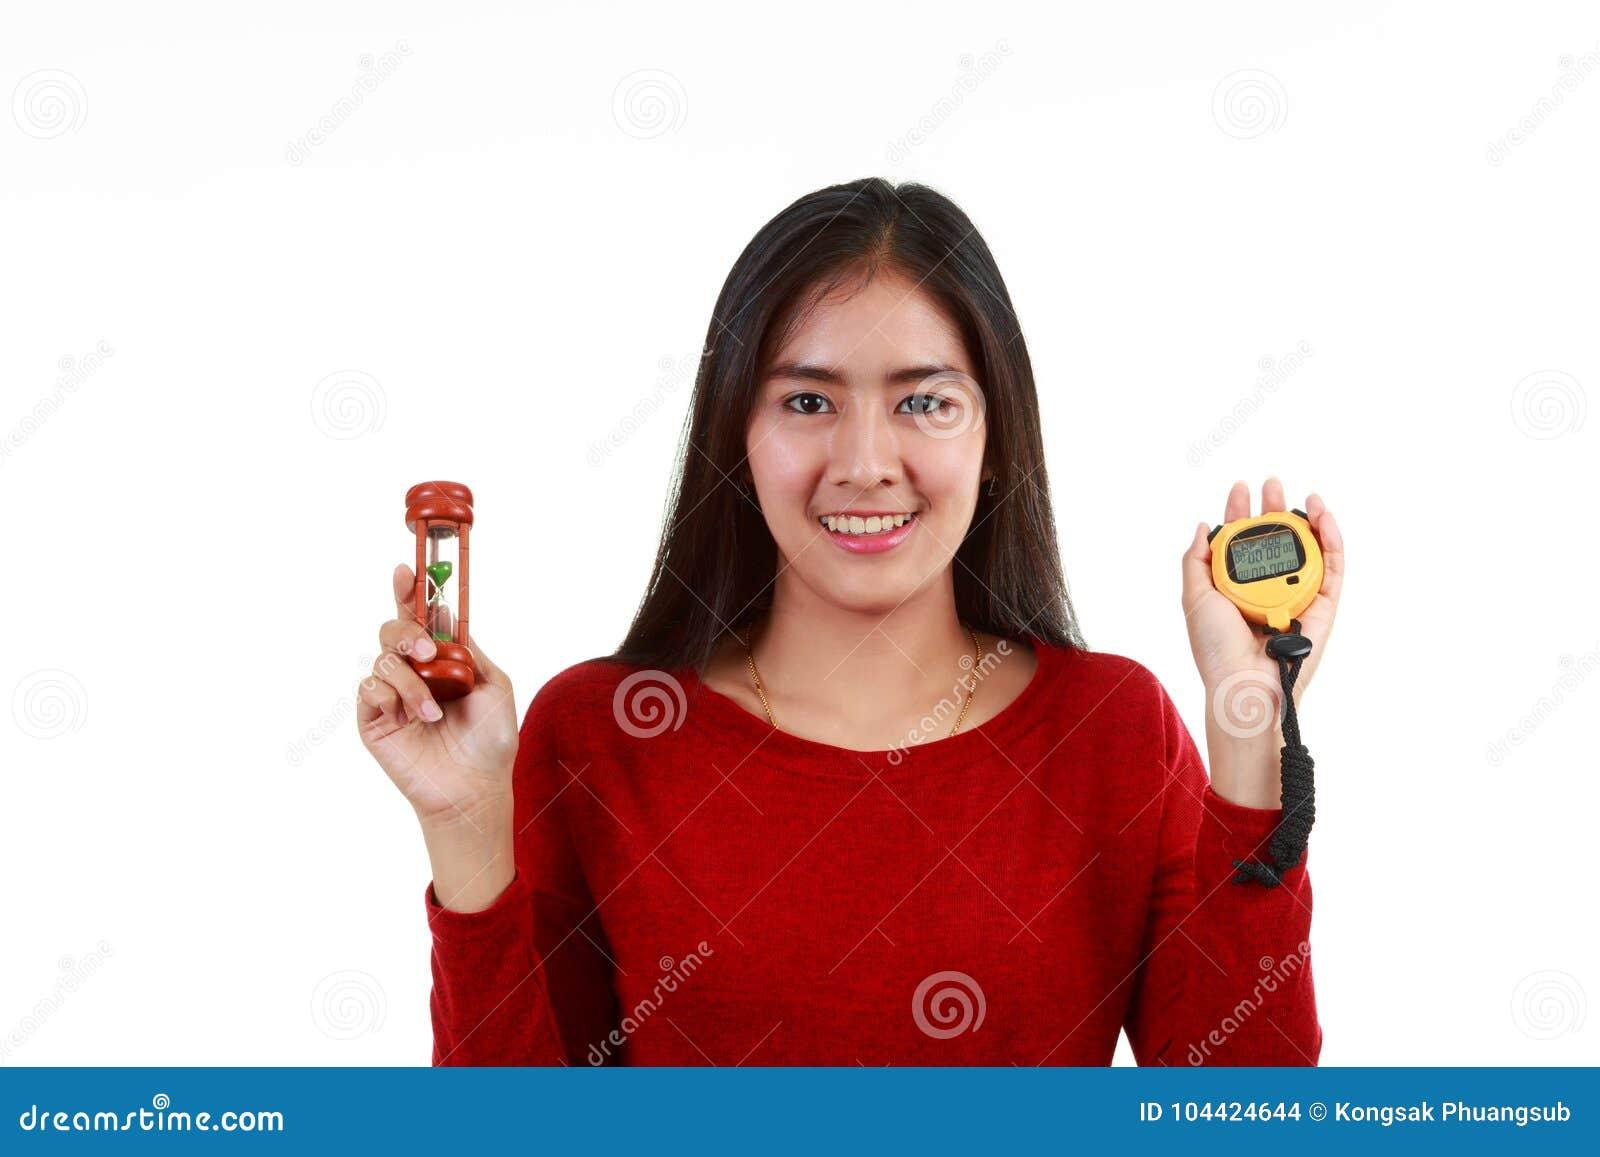 检查定时器的年轻亚裔夫人画象由滴漏或秒表